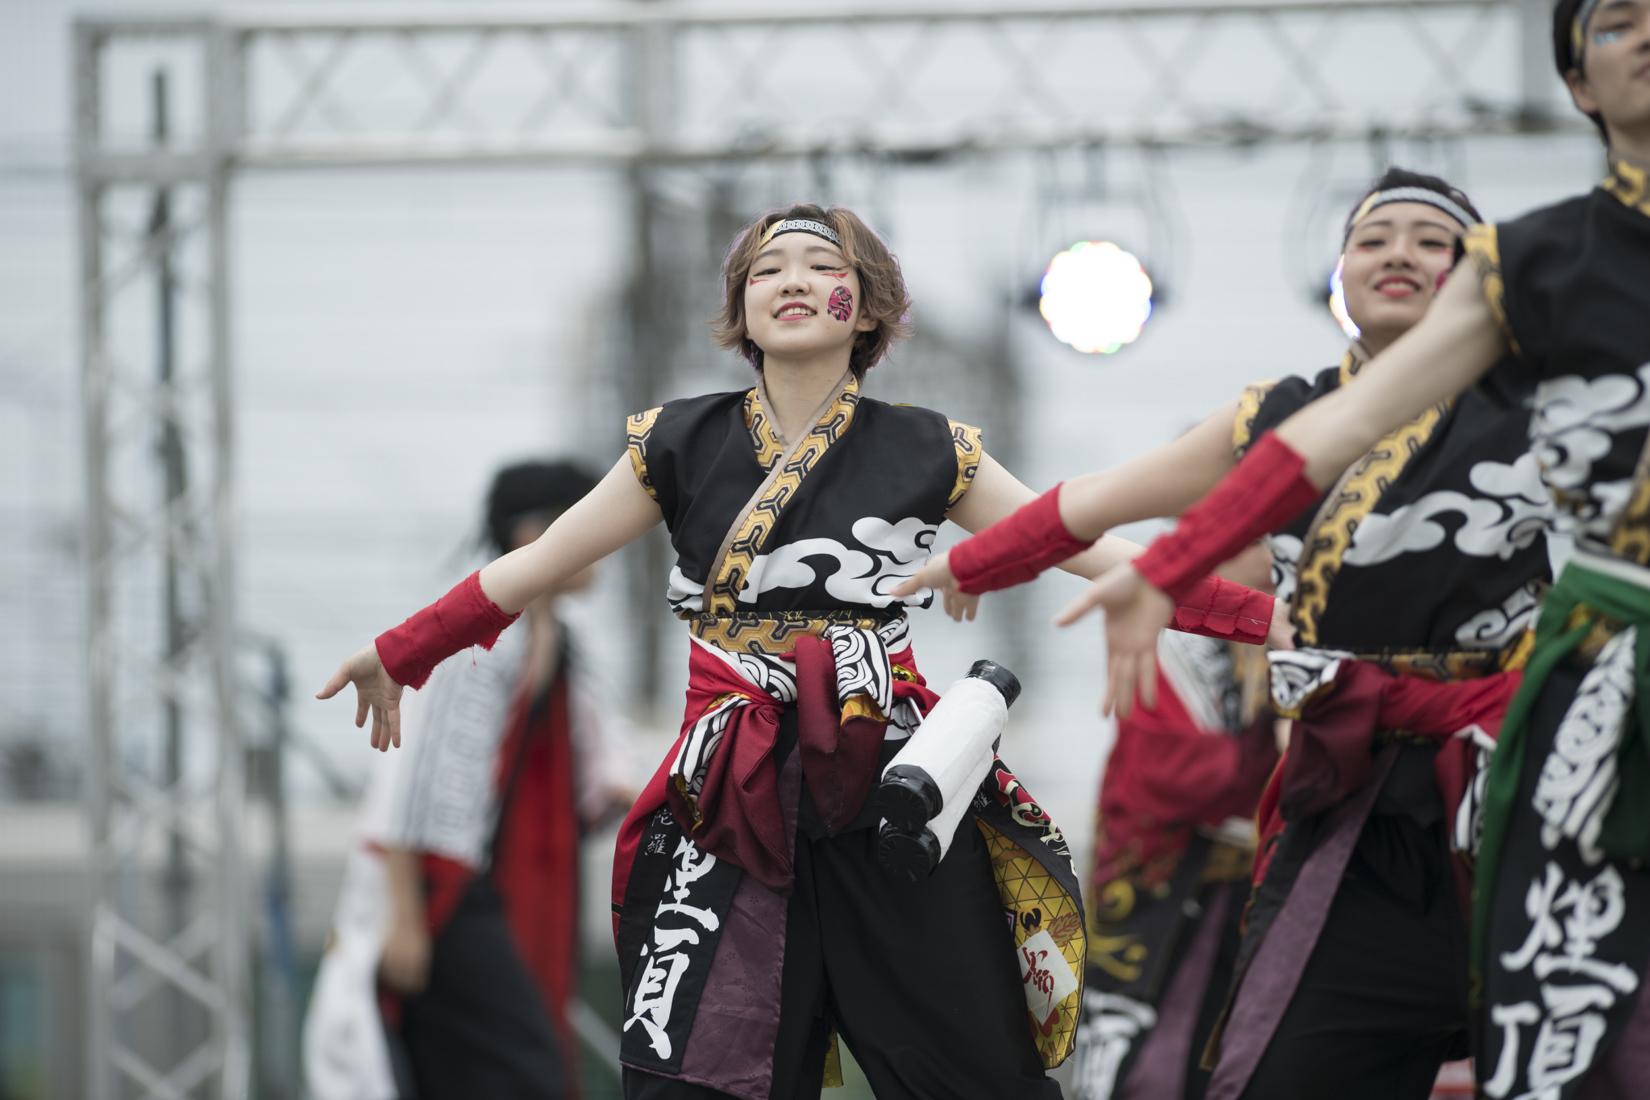 2019 犬山踊芸祭『浜松学生連 鰻陀羅』_f0184198_00134248.jpg